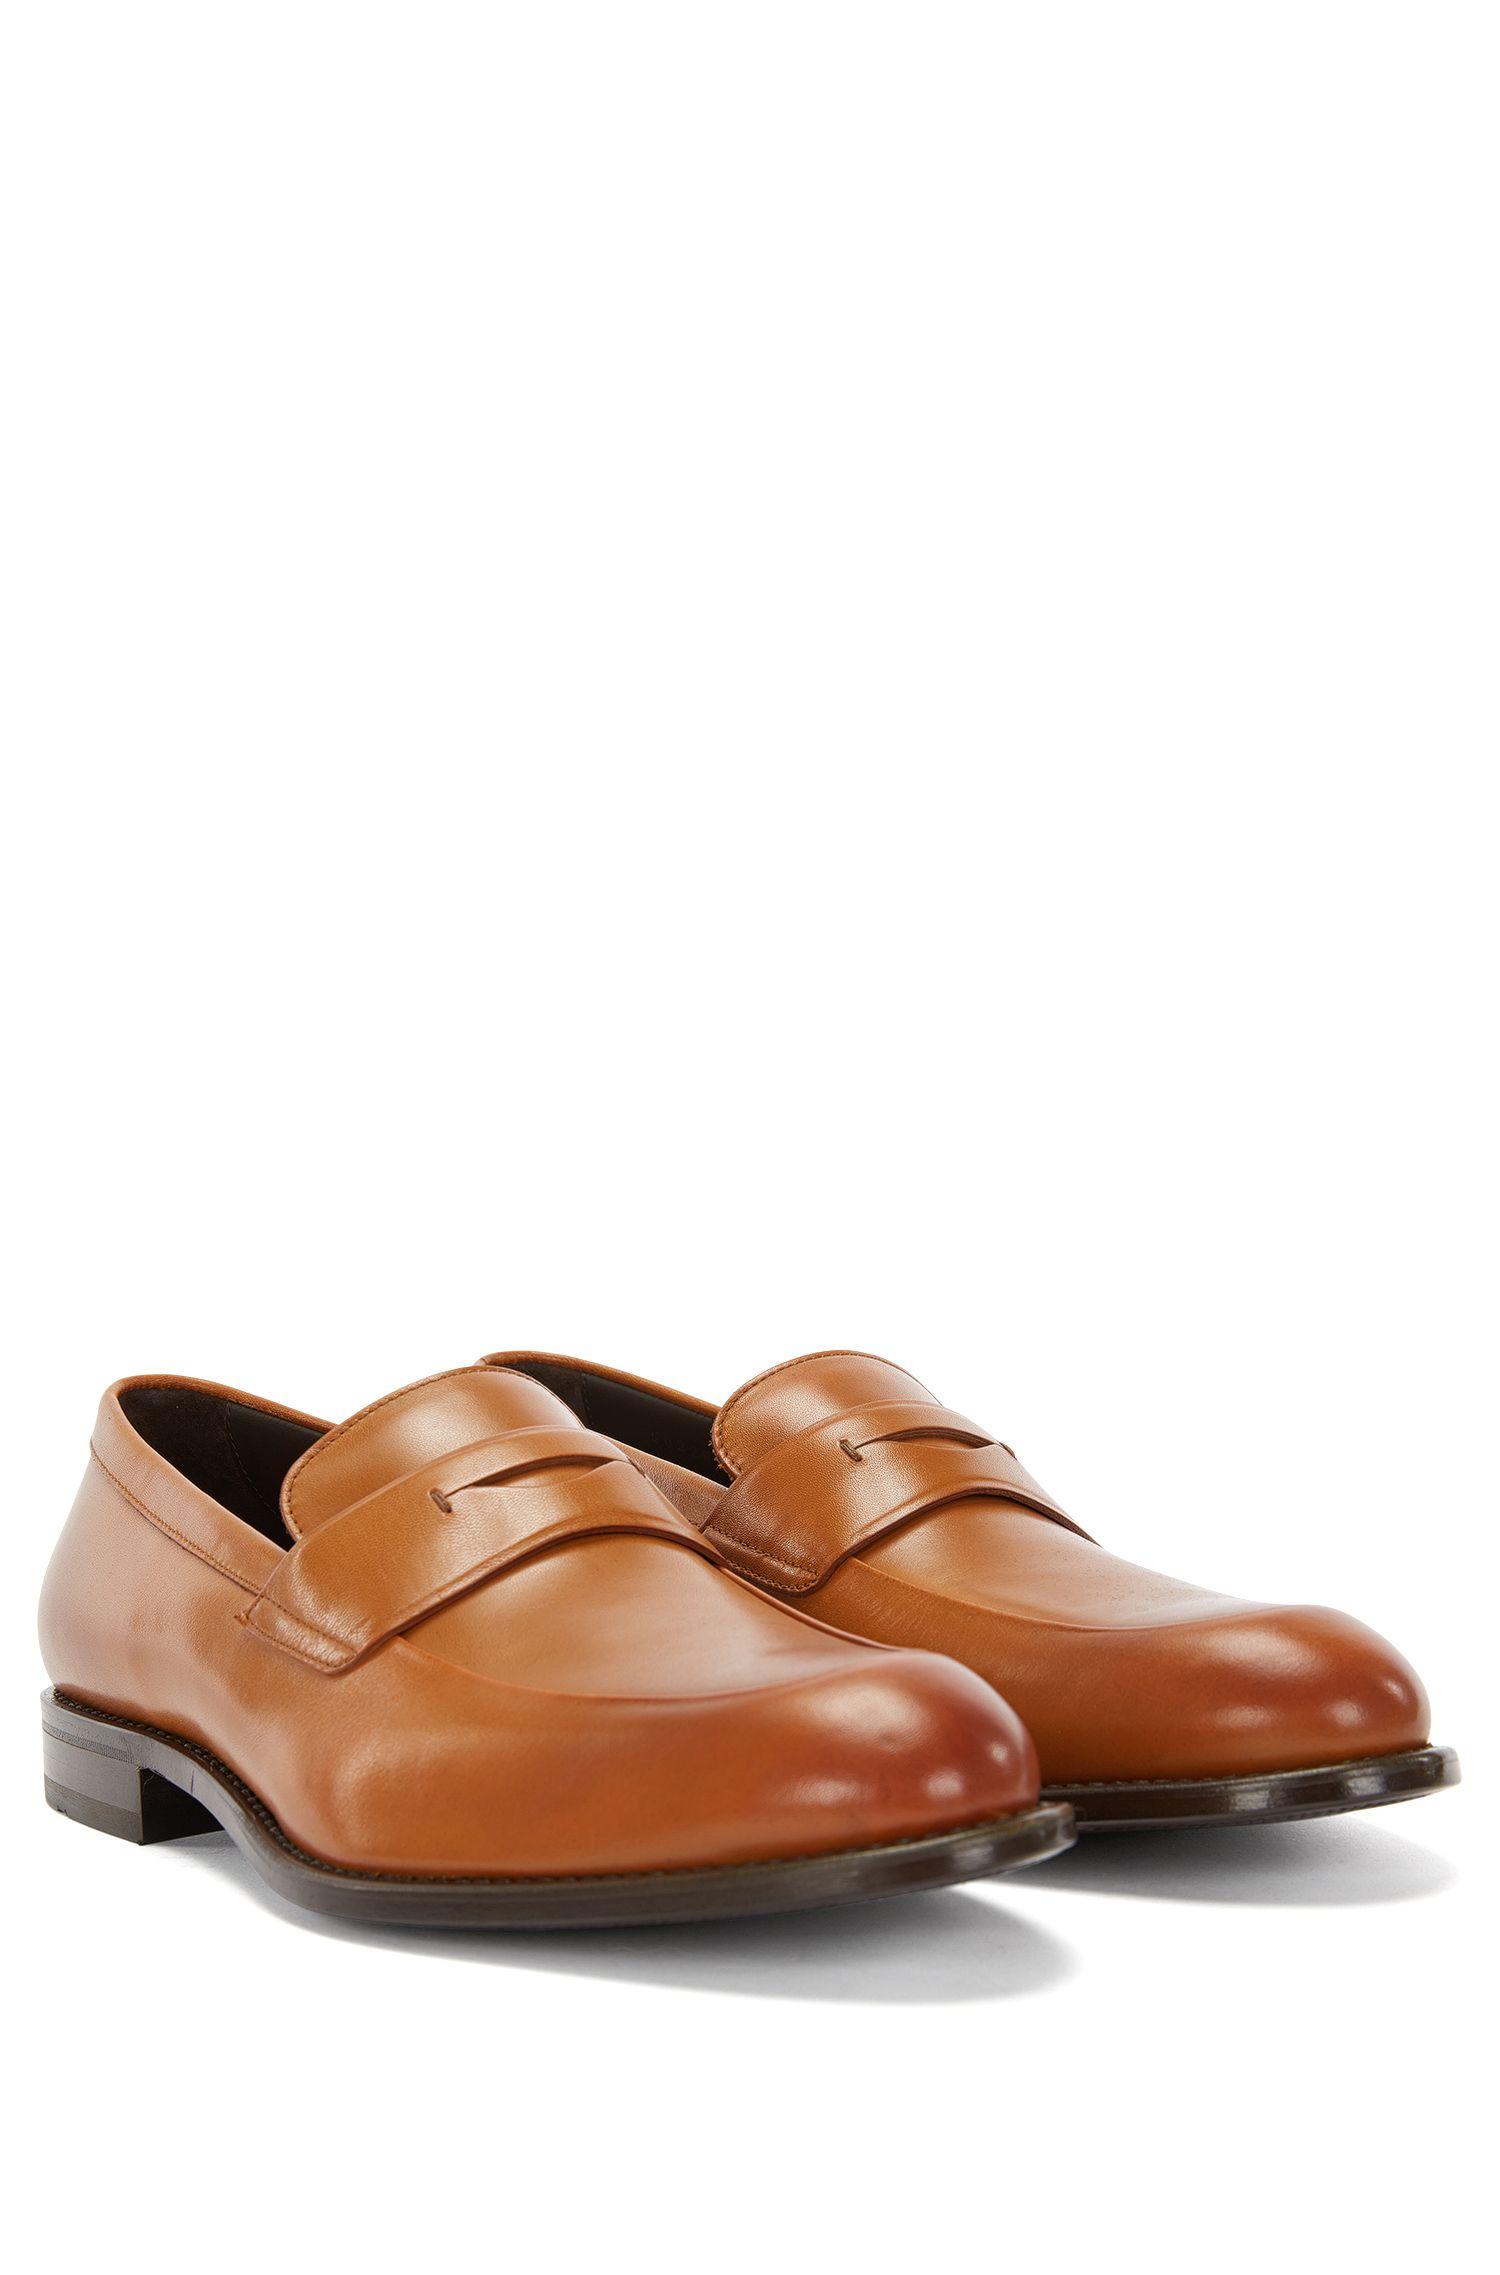 'Stockholm Loaf Apst' | Italian Calfskin Penny Loafer Dress Shoes